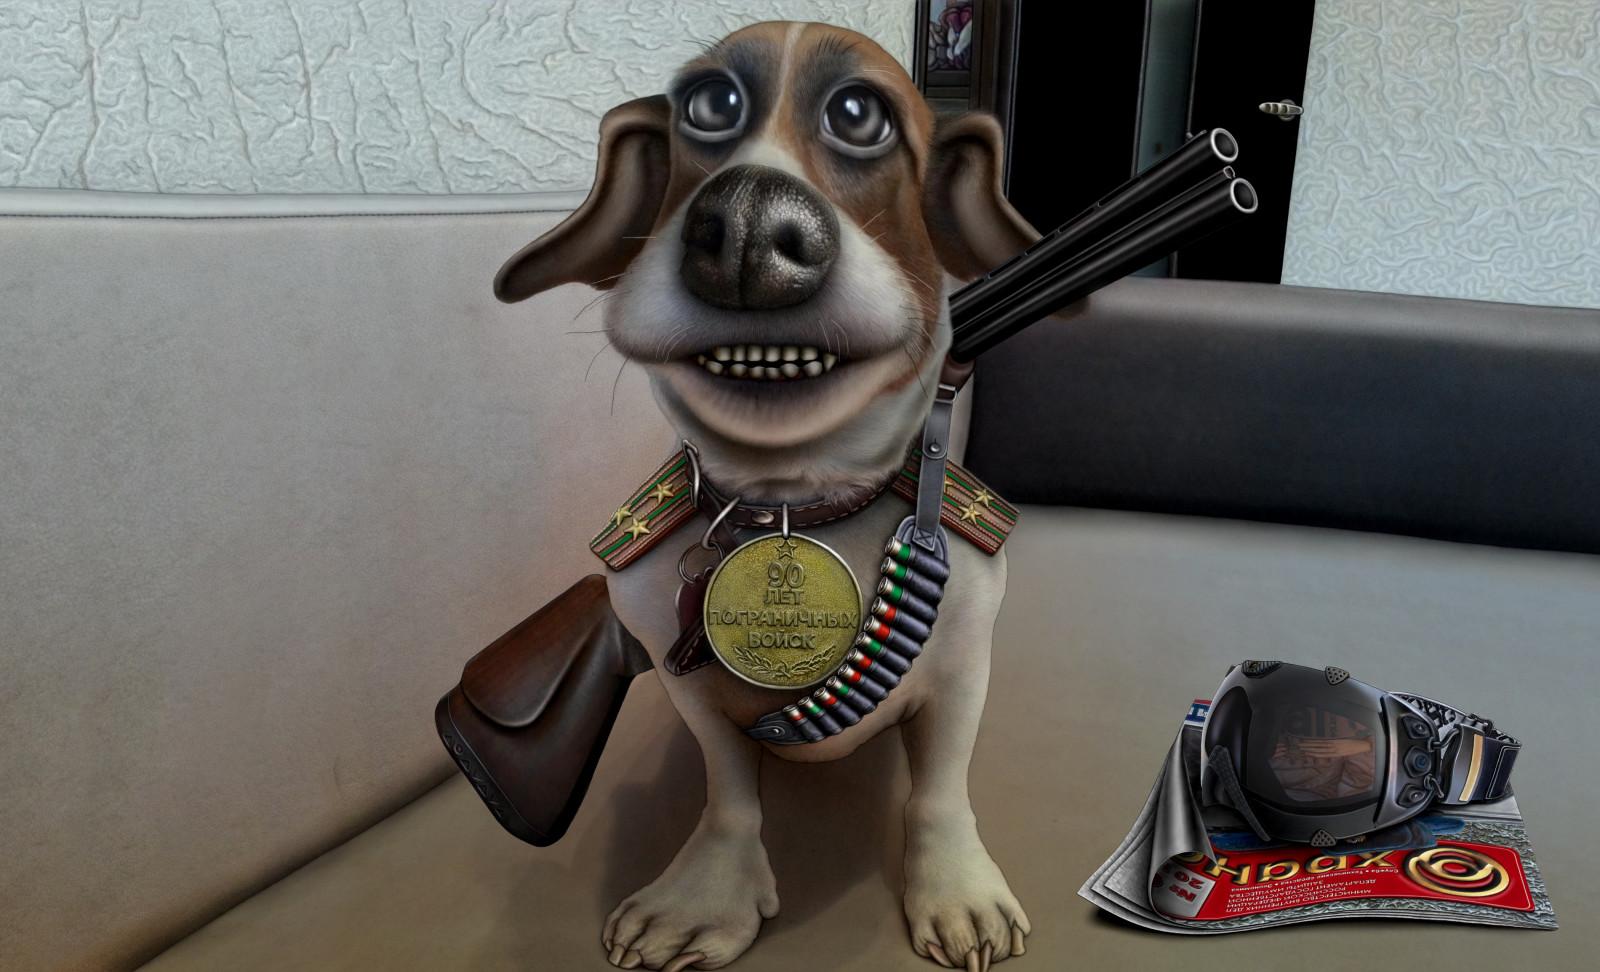 Wallpaper Senjata Gambar Kartun Patung Lencana Seni Keren Anjing Mamalia